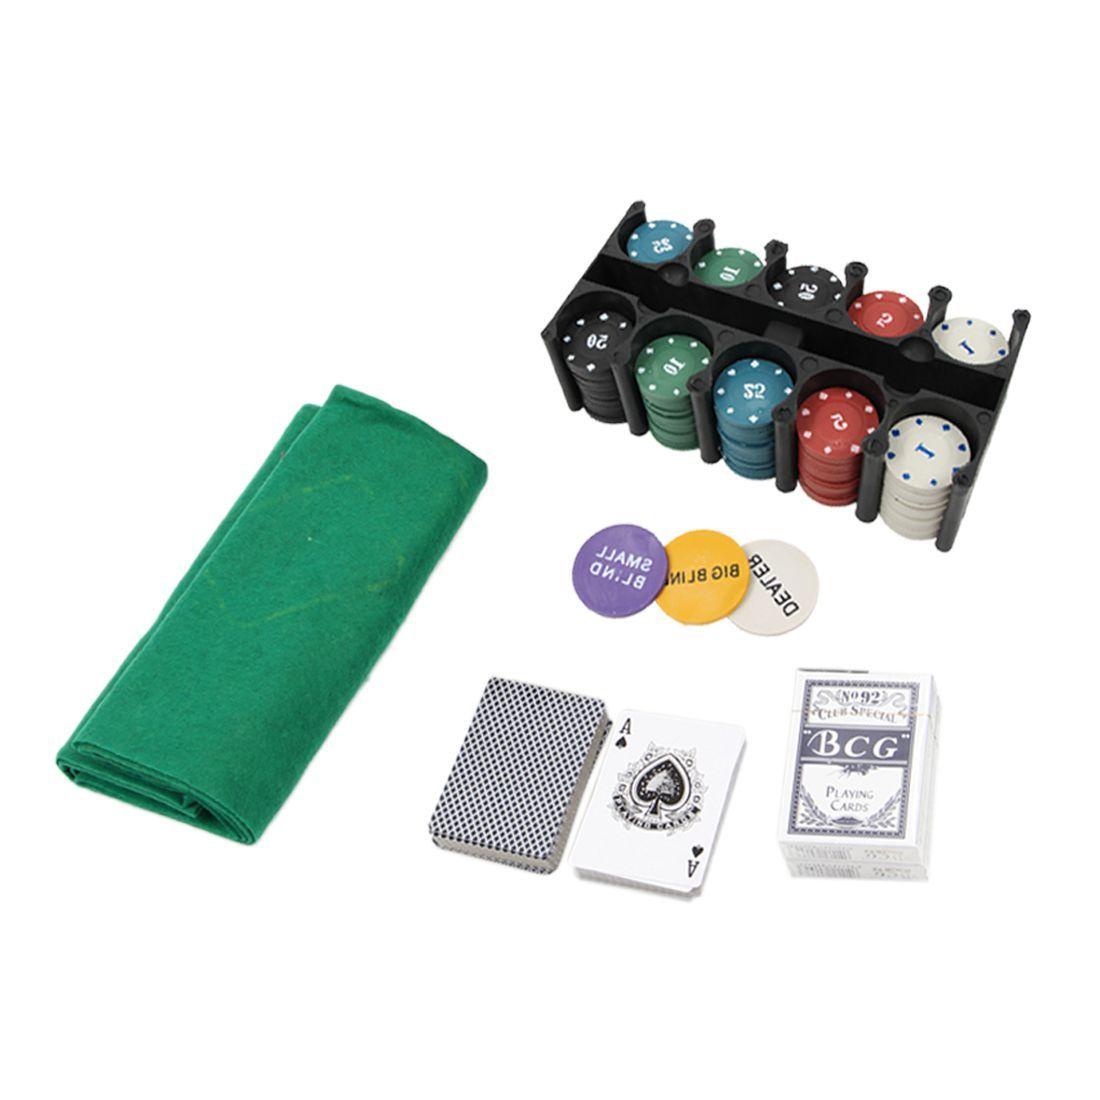 Super Deal 200 Baccarat chips Bargaining Poker Chips Set